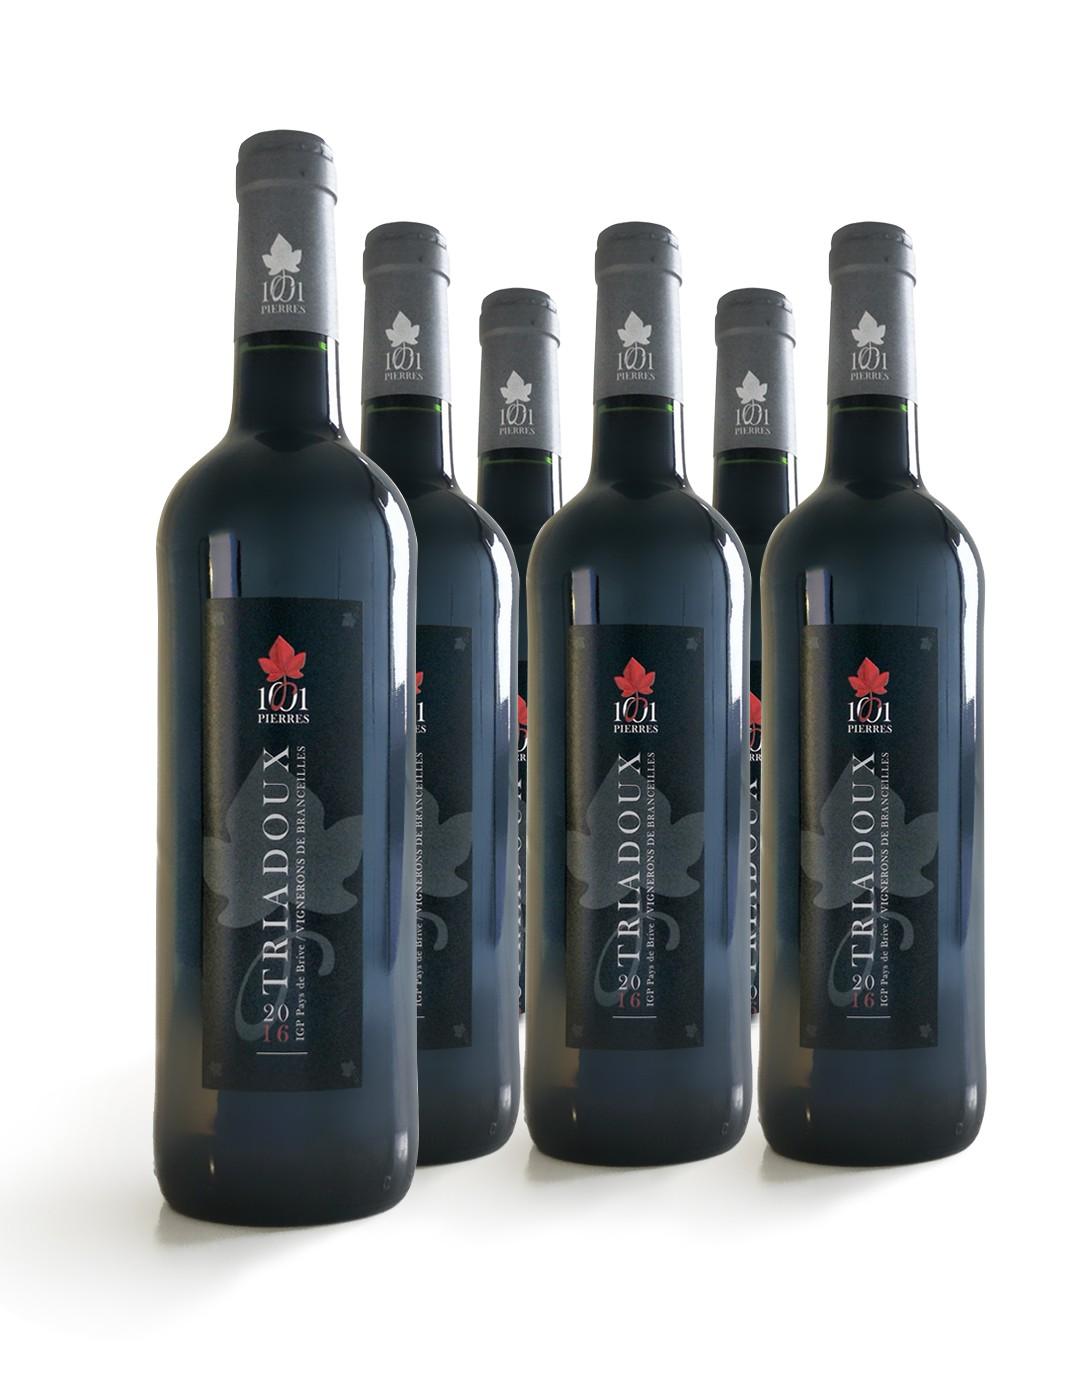 Carton de 6 bouteilles de vin Triadoux : Vin Rouge Conventionnel - 6 bouteilles de 75 cl - 1001 Pierres